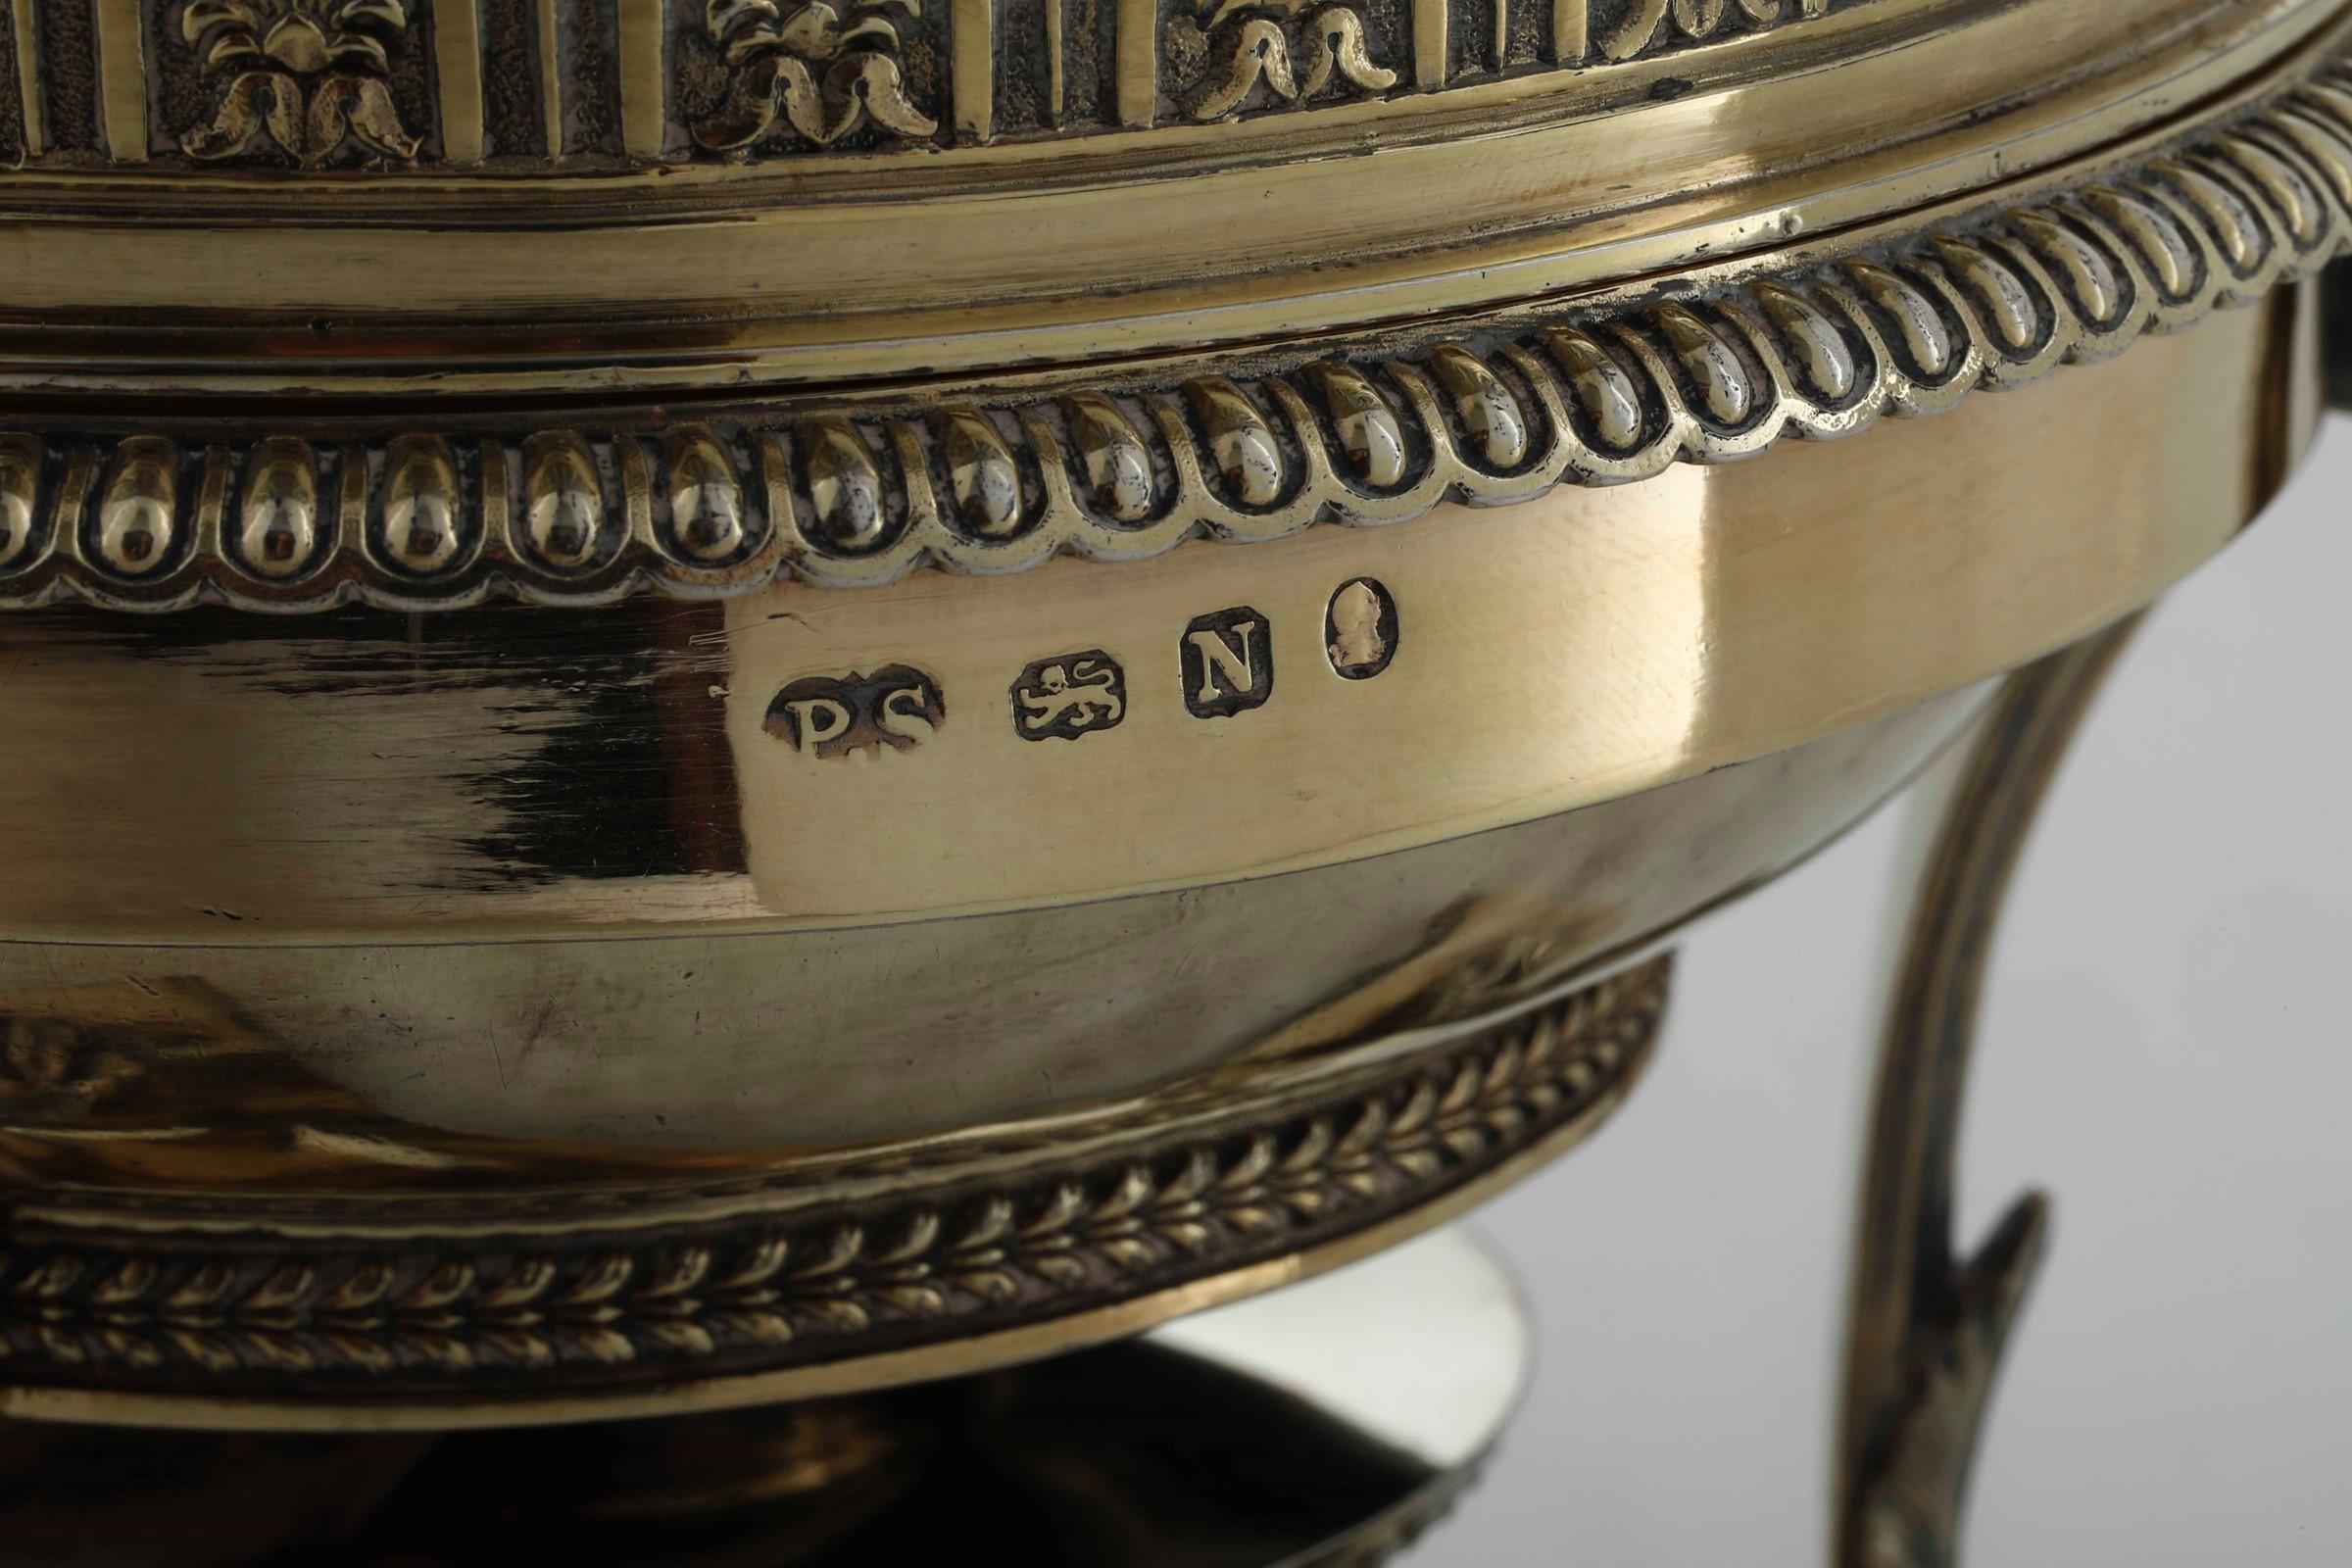 Brocca con fornello in argento, fuso, sbalzato, cesellato e dorato. Marchi della [...] - Image 3 of 5